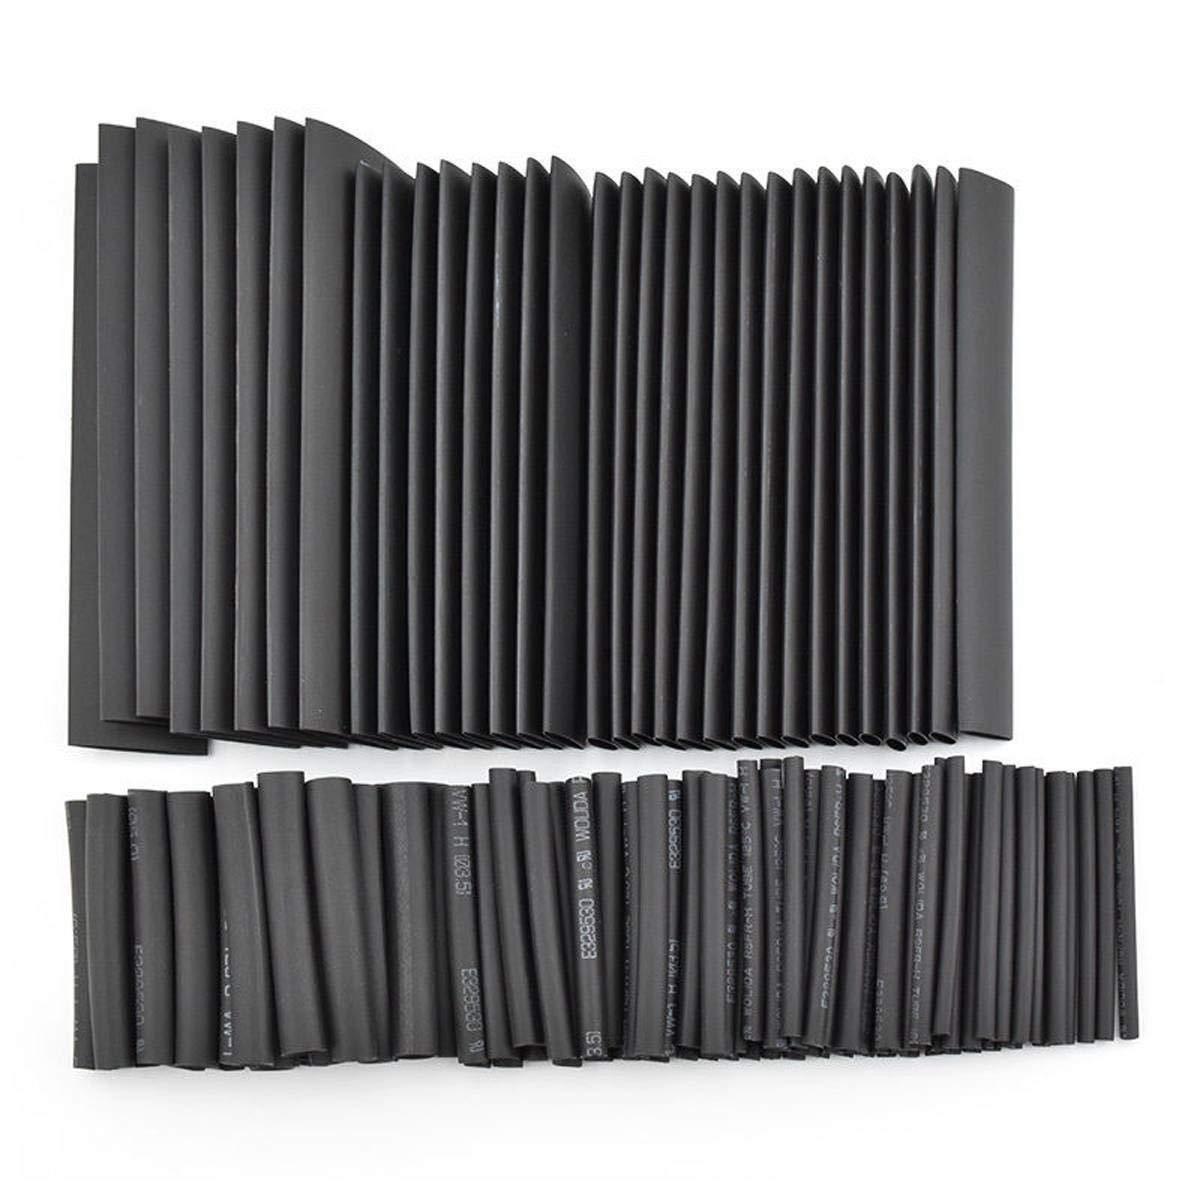 SODIAL 508Pcs Tube Thermor/étractable Noir Cable /électrique Enroulement De Fil DSssortiment Gaine De Tube